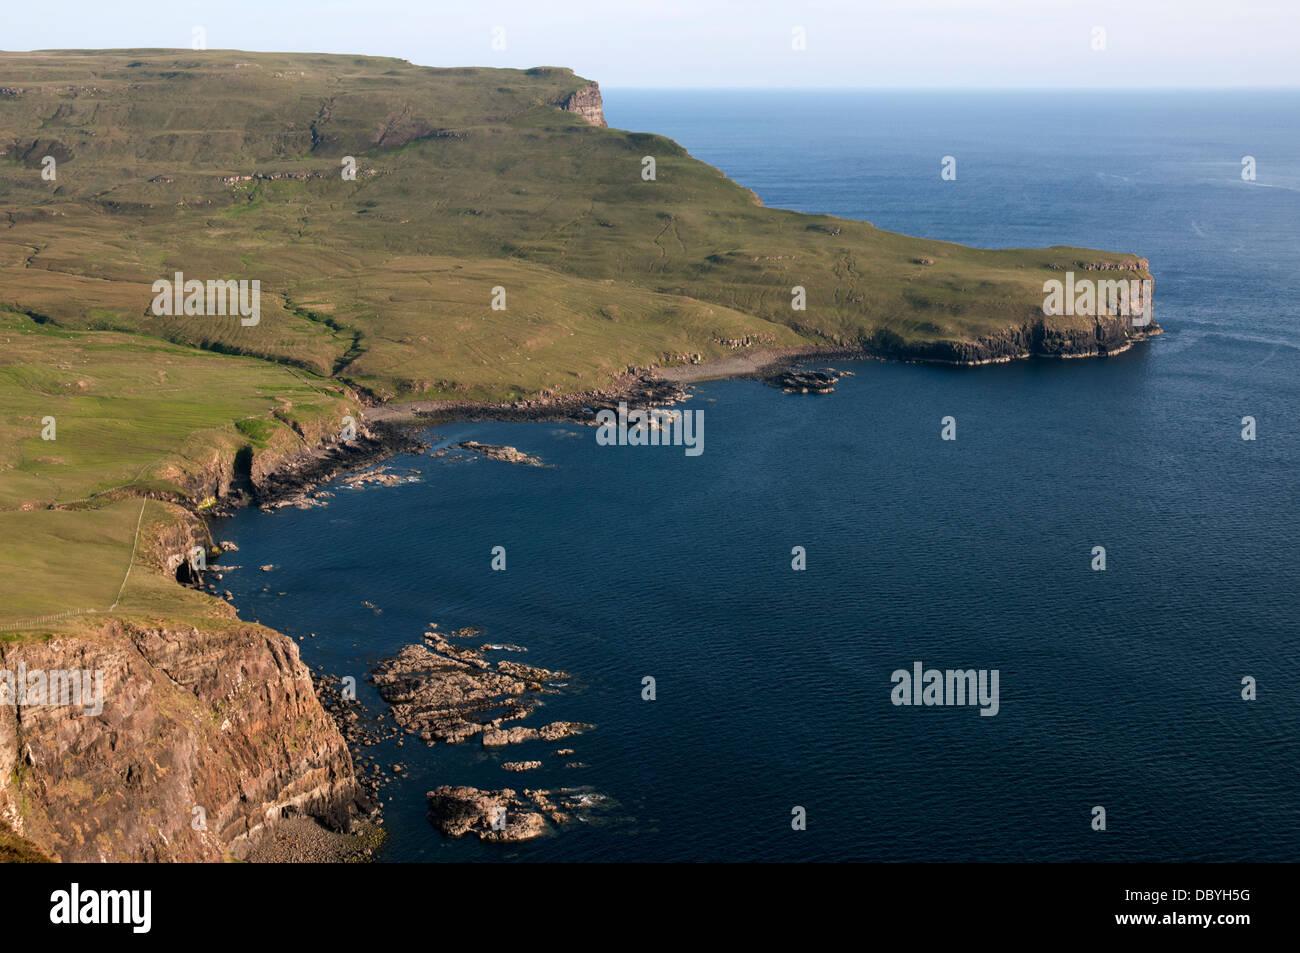 Ramasaig Bay y la azada desde Ramasaig acantilado. Costa Duirinish, Isla de Skye, Escocia, Reino Unido Foto de stock